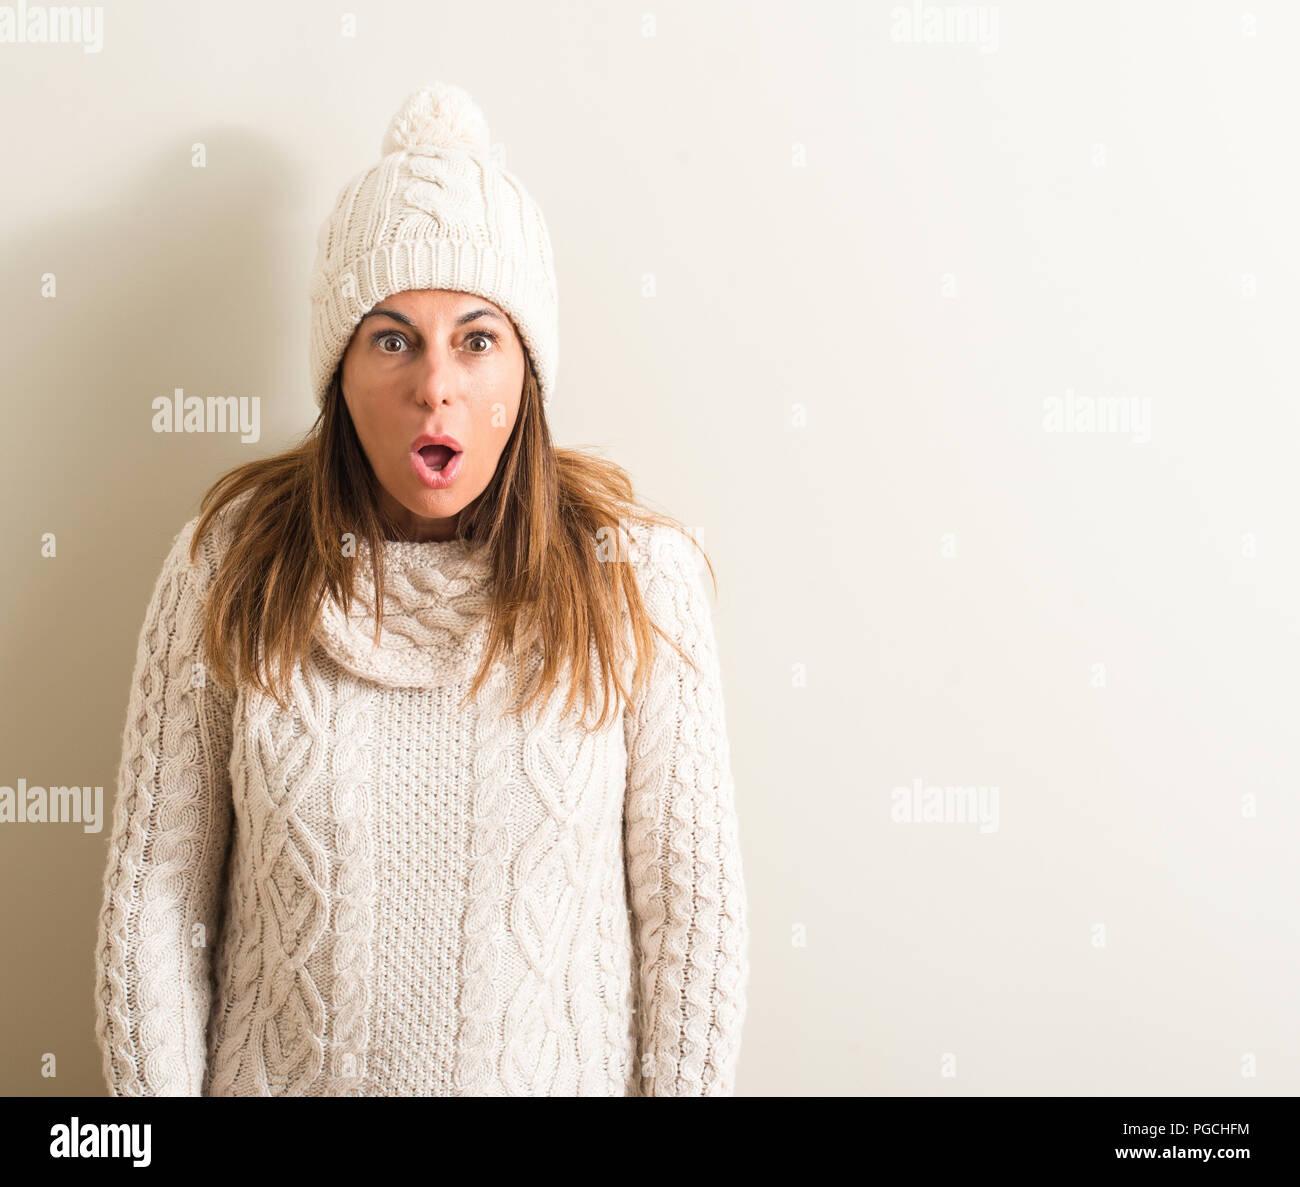 Medioevo donna che indossa la lana Cappello invernale paura in stato di  shock con una faccia a sorpresa 45c752091c88